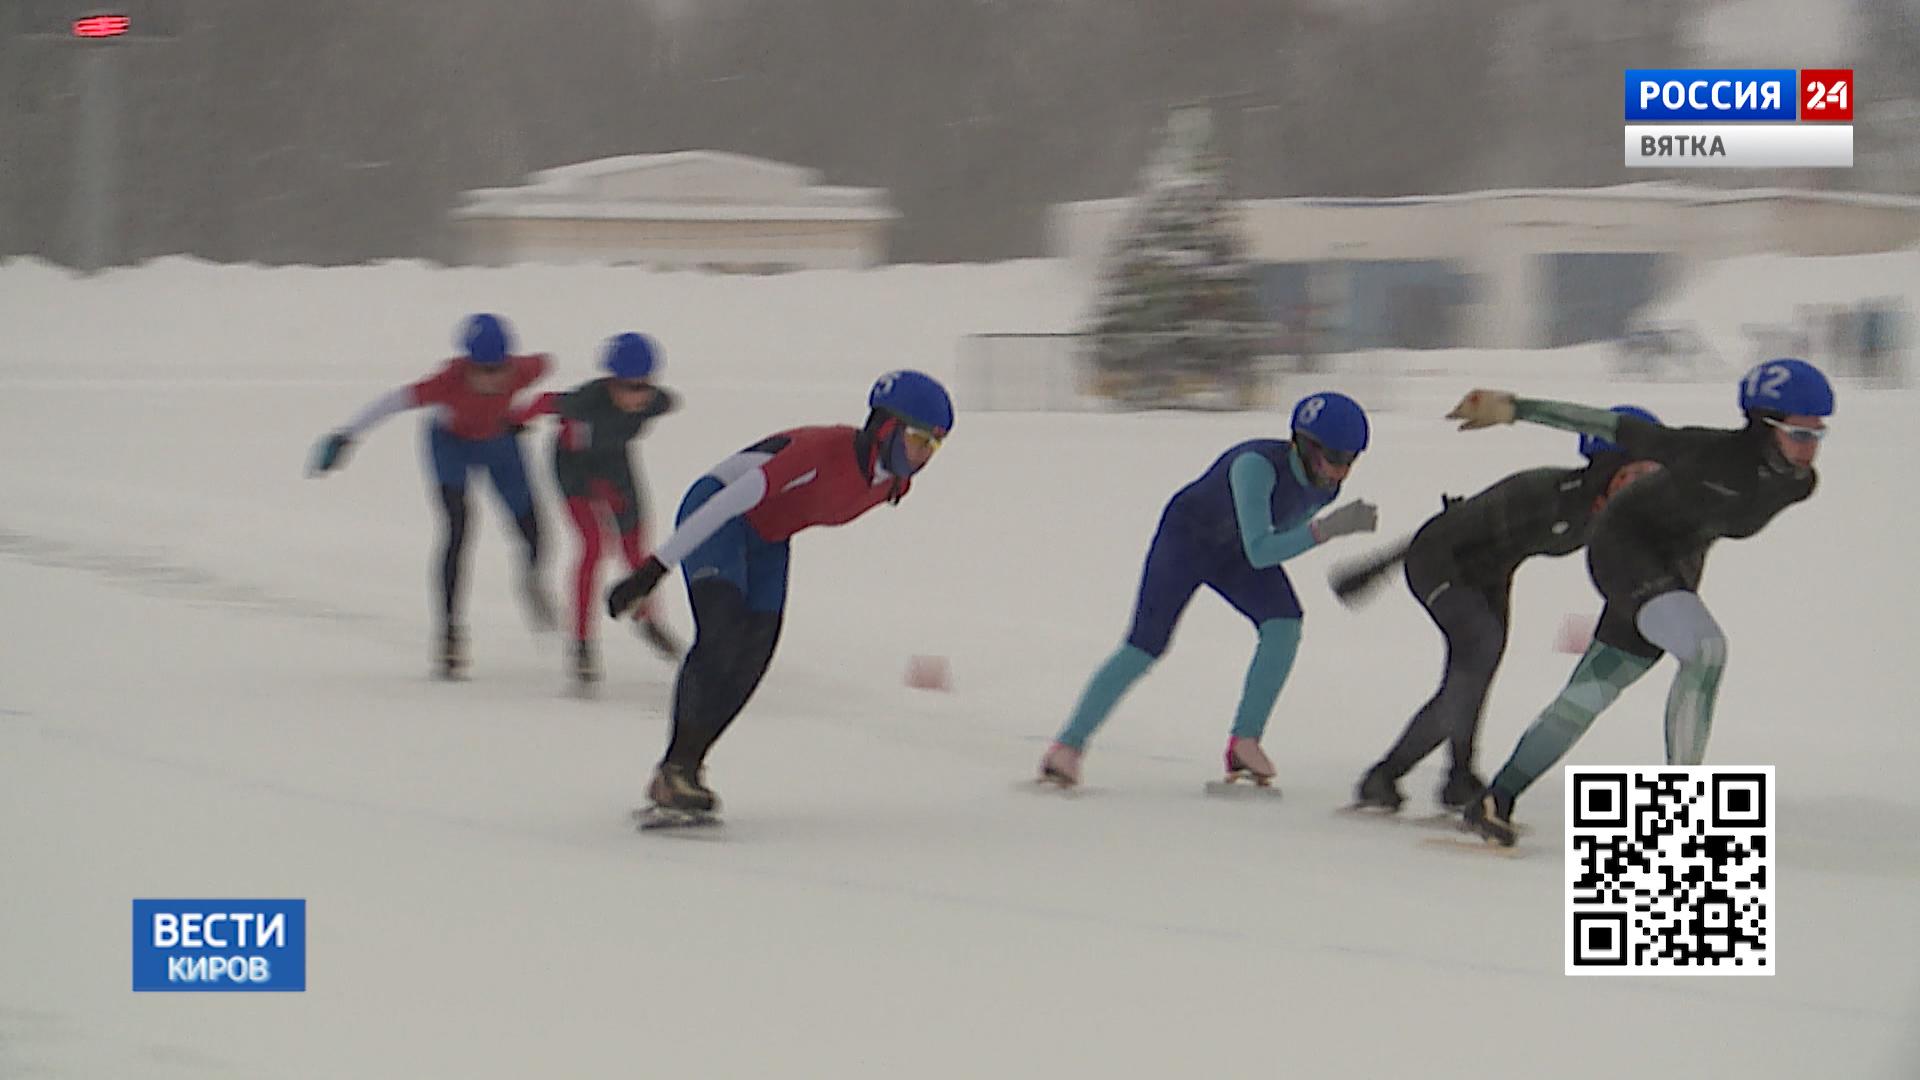 Кировские конькобежцы стали лидерами в медальном зачете первенства ПФО